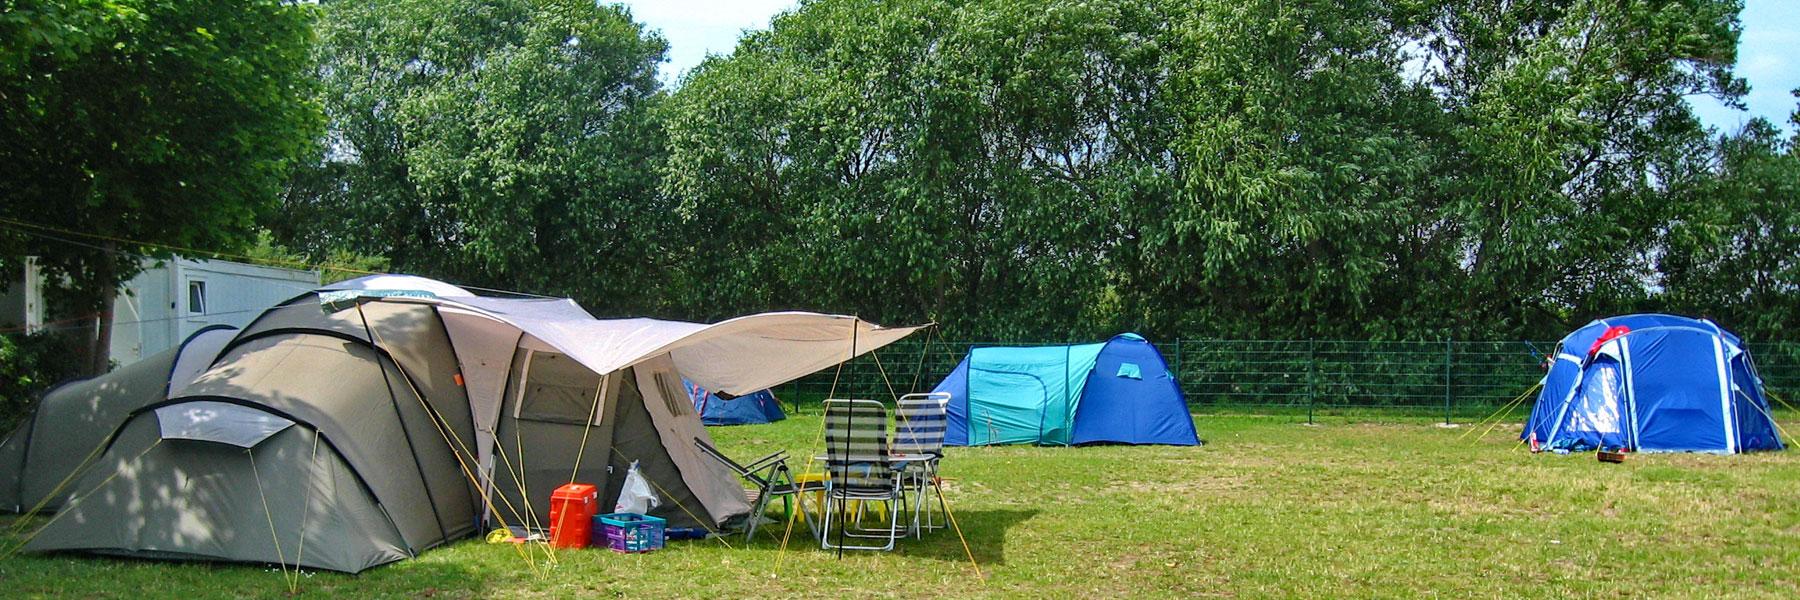 Zelte - Campingplatz Leuchtturm